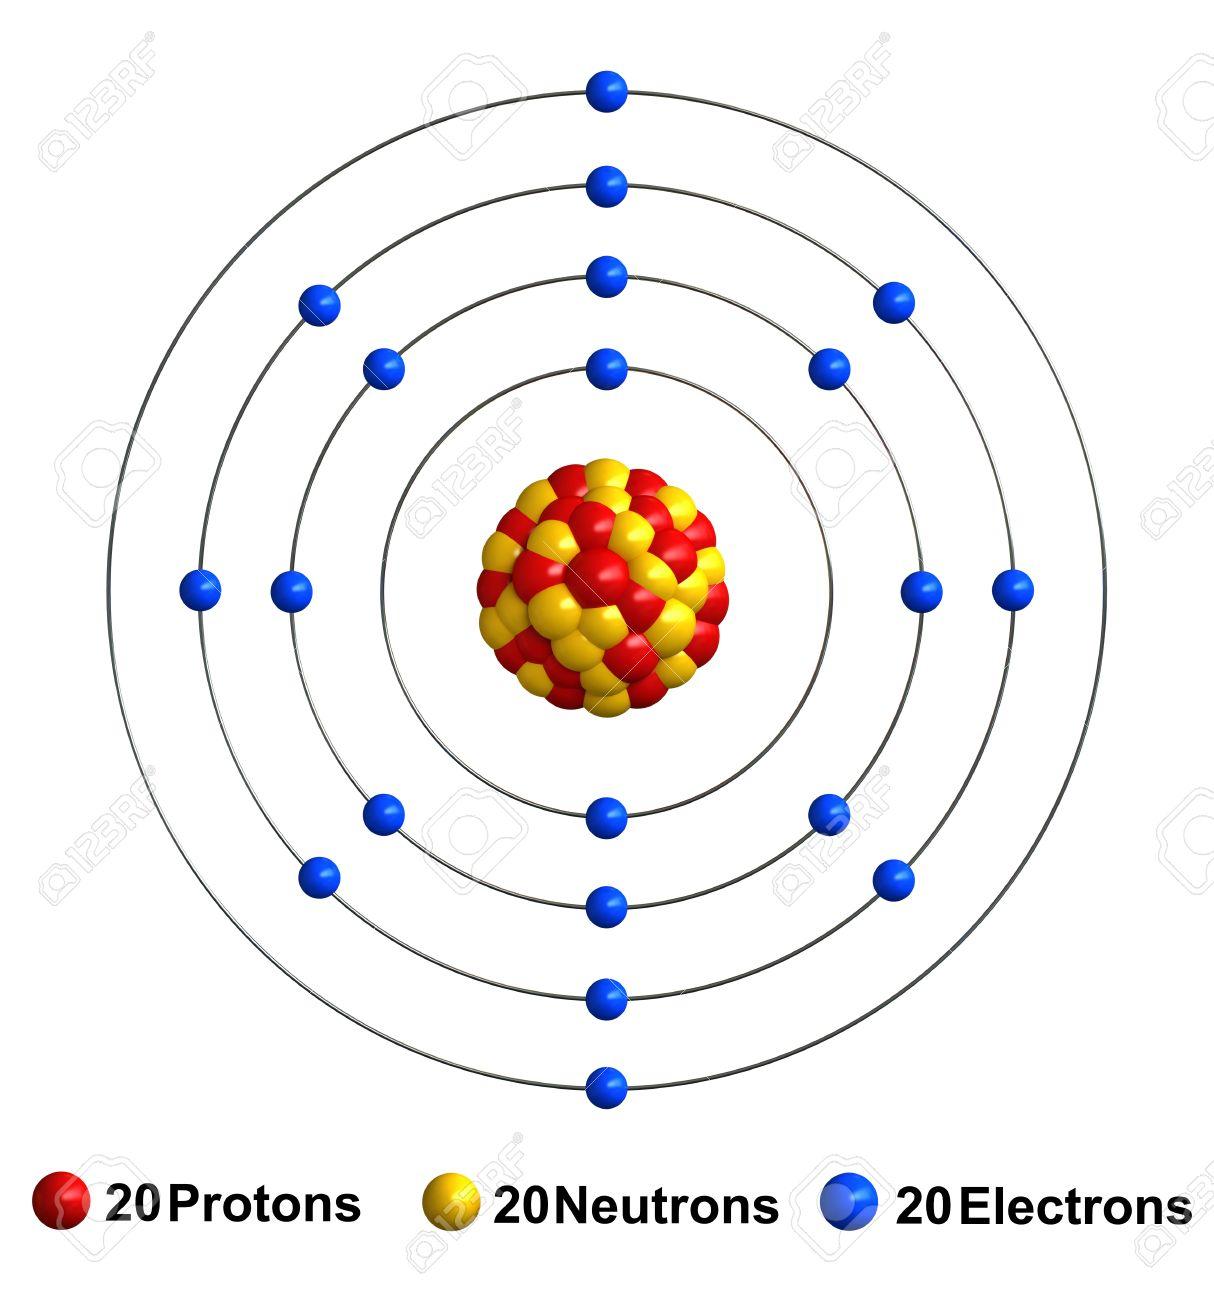 hight resolution of atomic diagram of calcium wiring diagram expert lewis diagram for calcium atom atom diagram for calcium